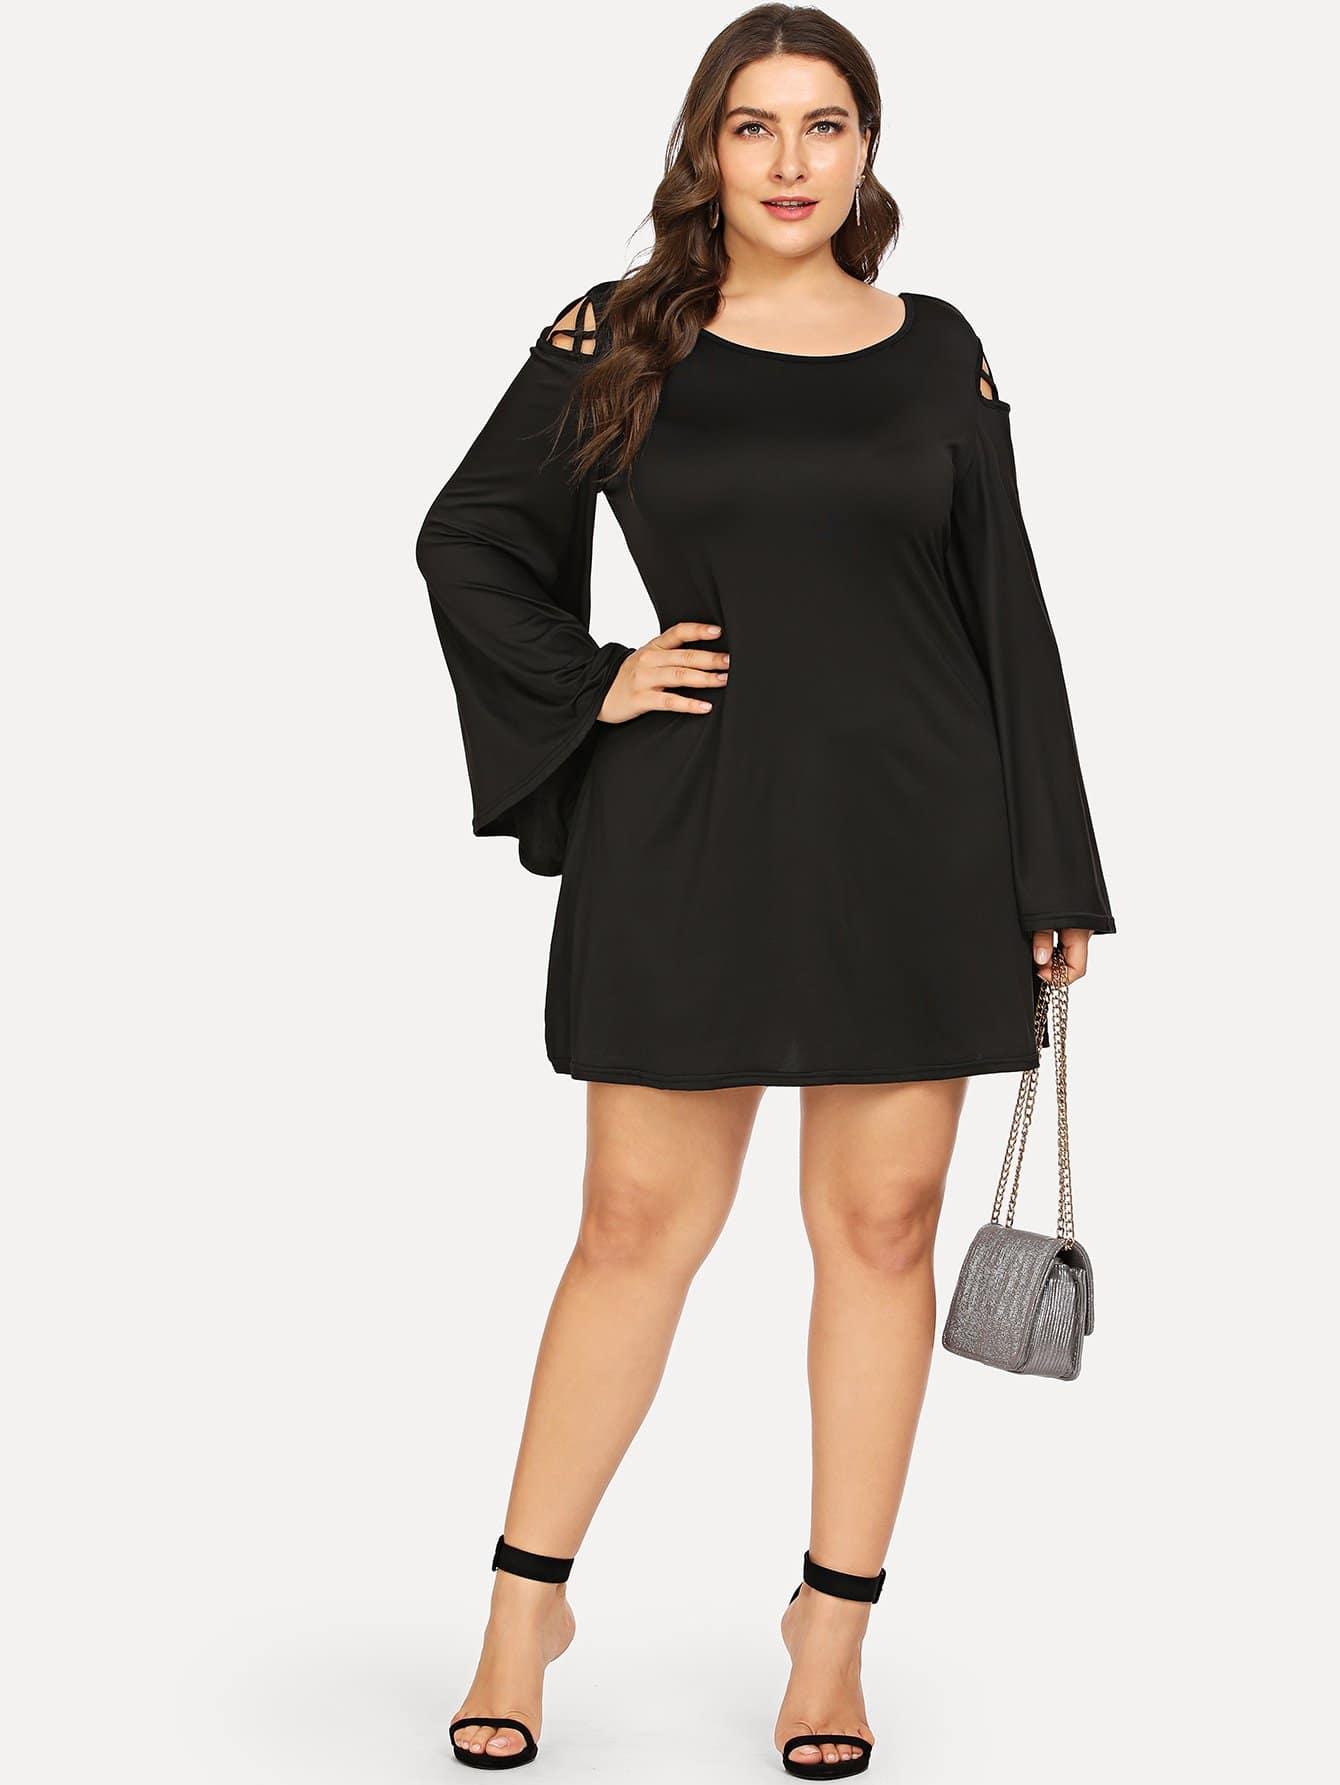 Купить Большое платье и с лентами пересечения сзади одежды и рукава с розеткой, Franziska, SheIn